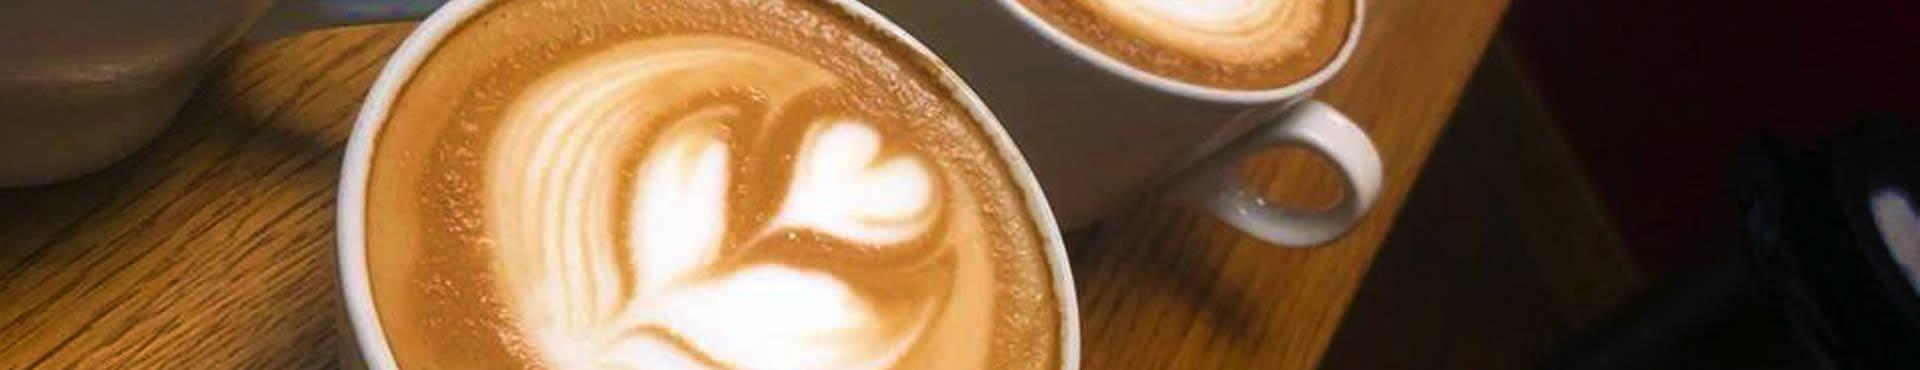 Latte art course | latte art lessons